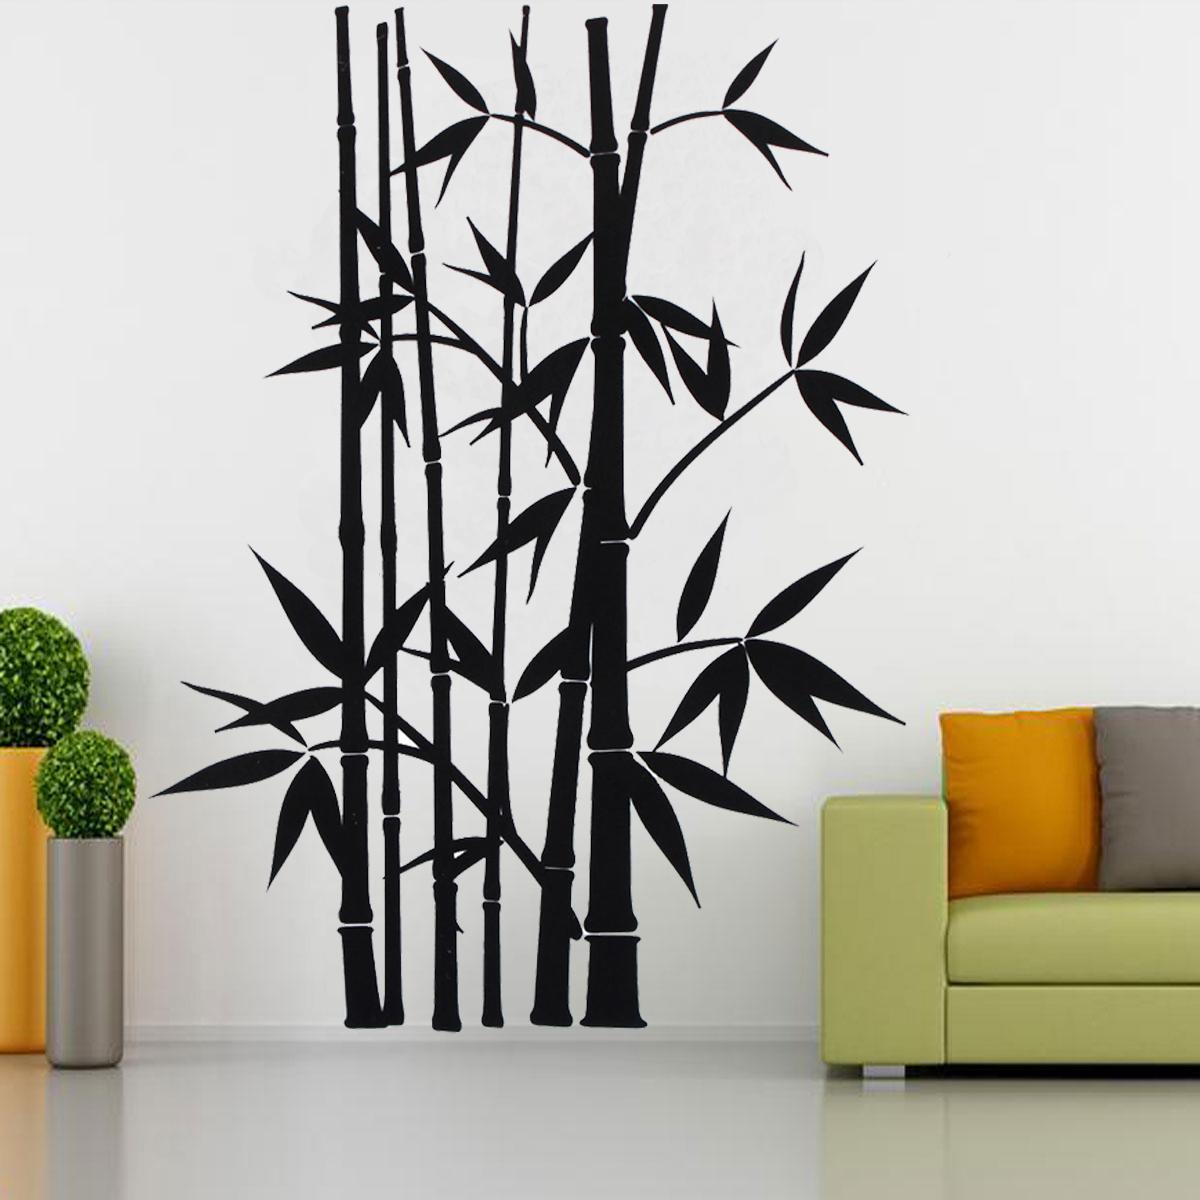 Décoration murale vinyle